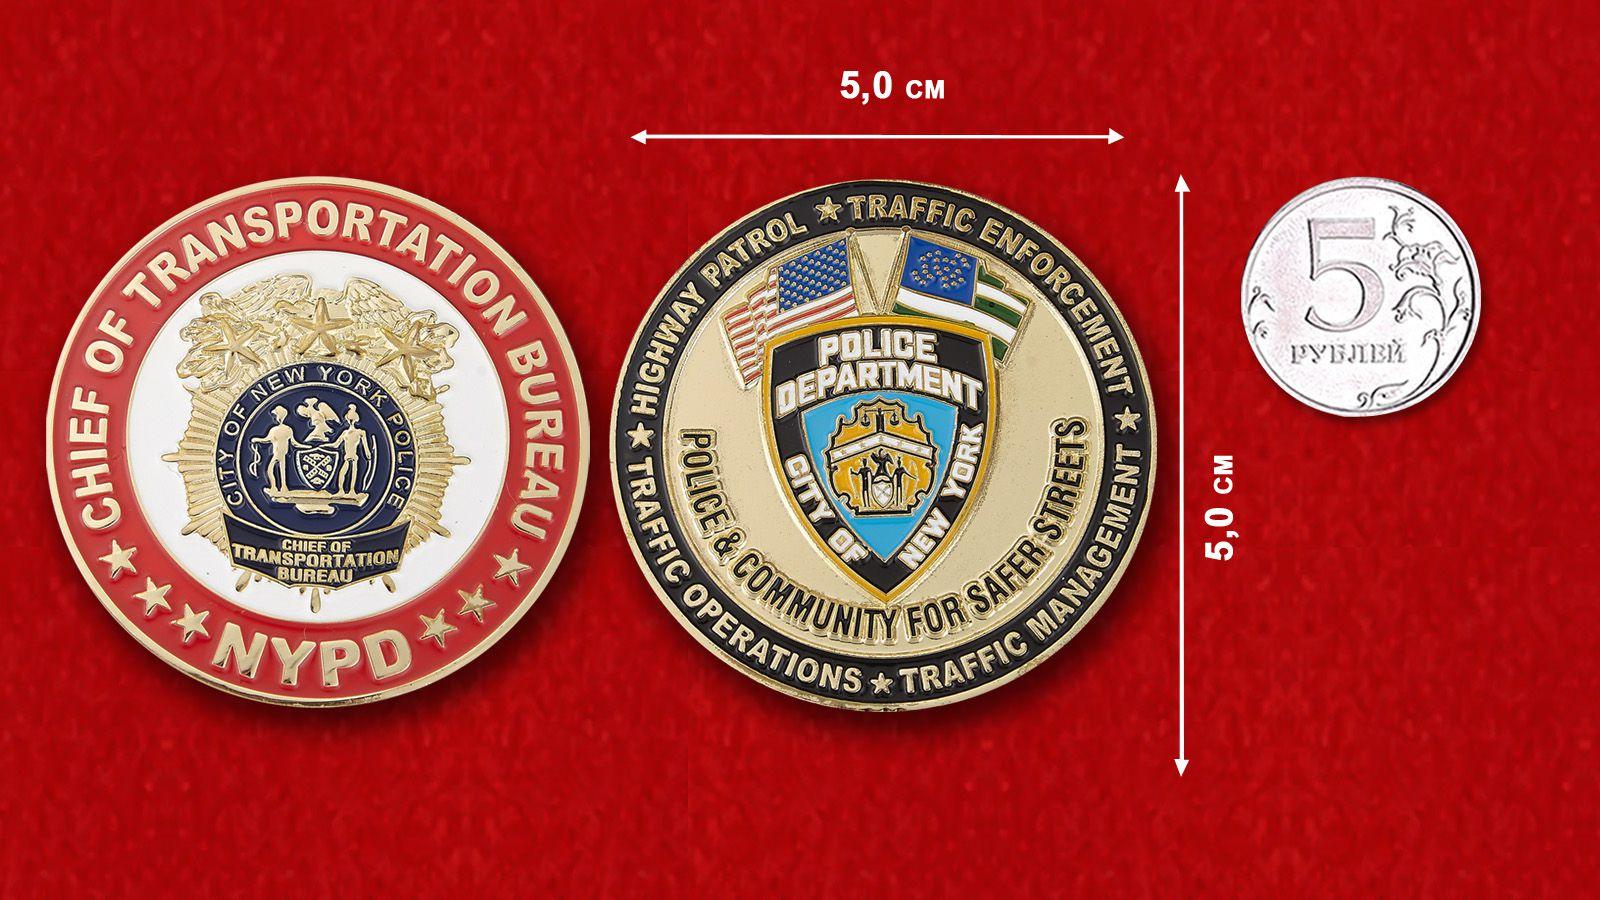 Челлендж коин начальника транспортного отдела департамента полиции Нью-Йорка - сравнительный размер